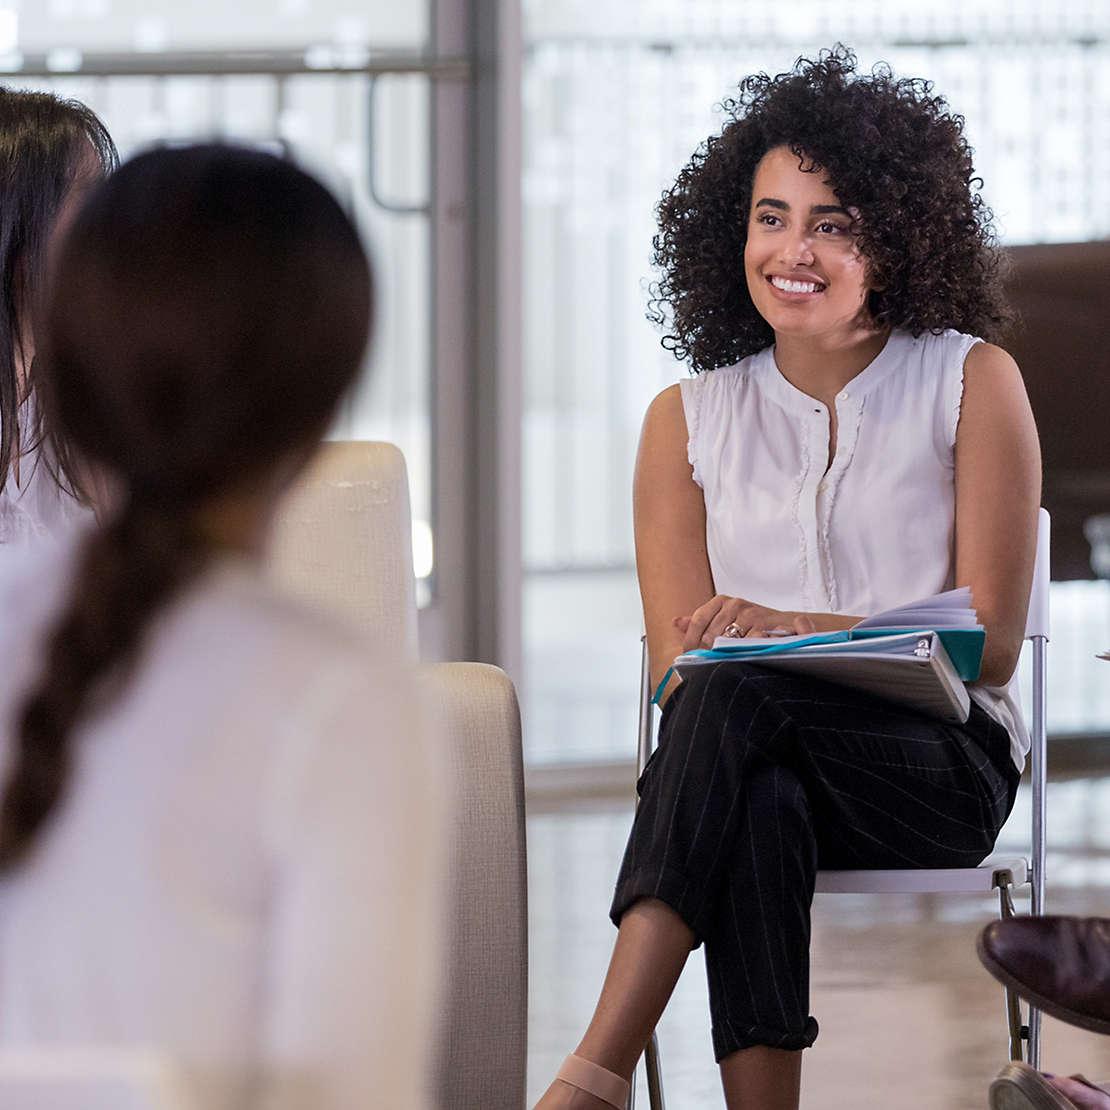 Corporate women talking